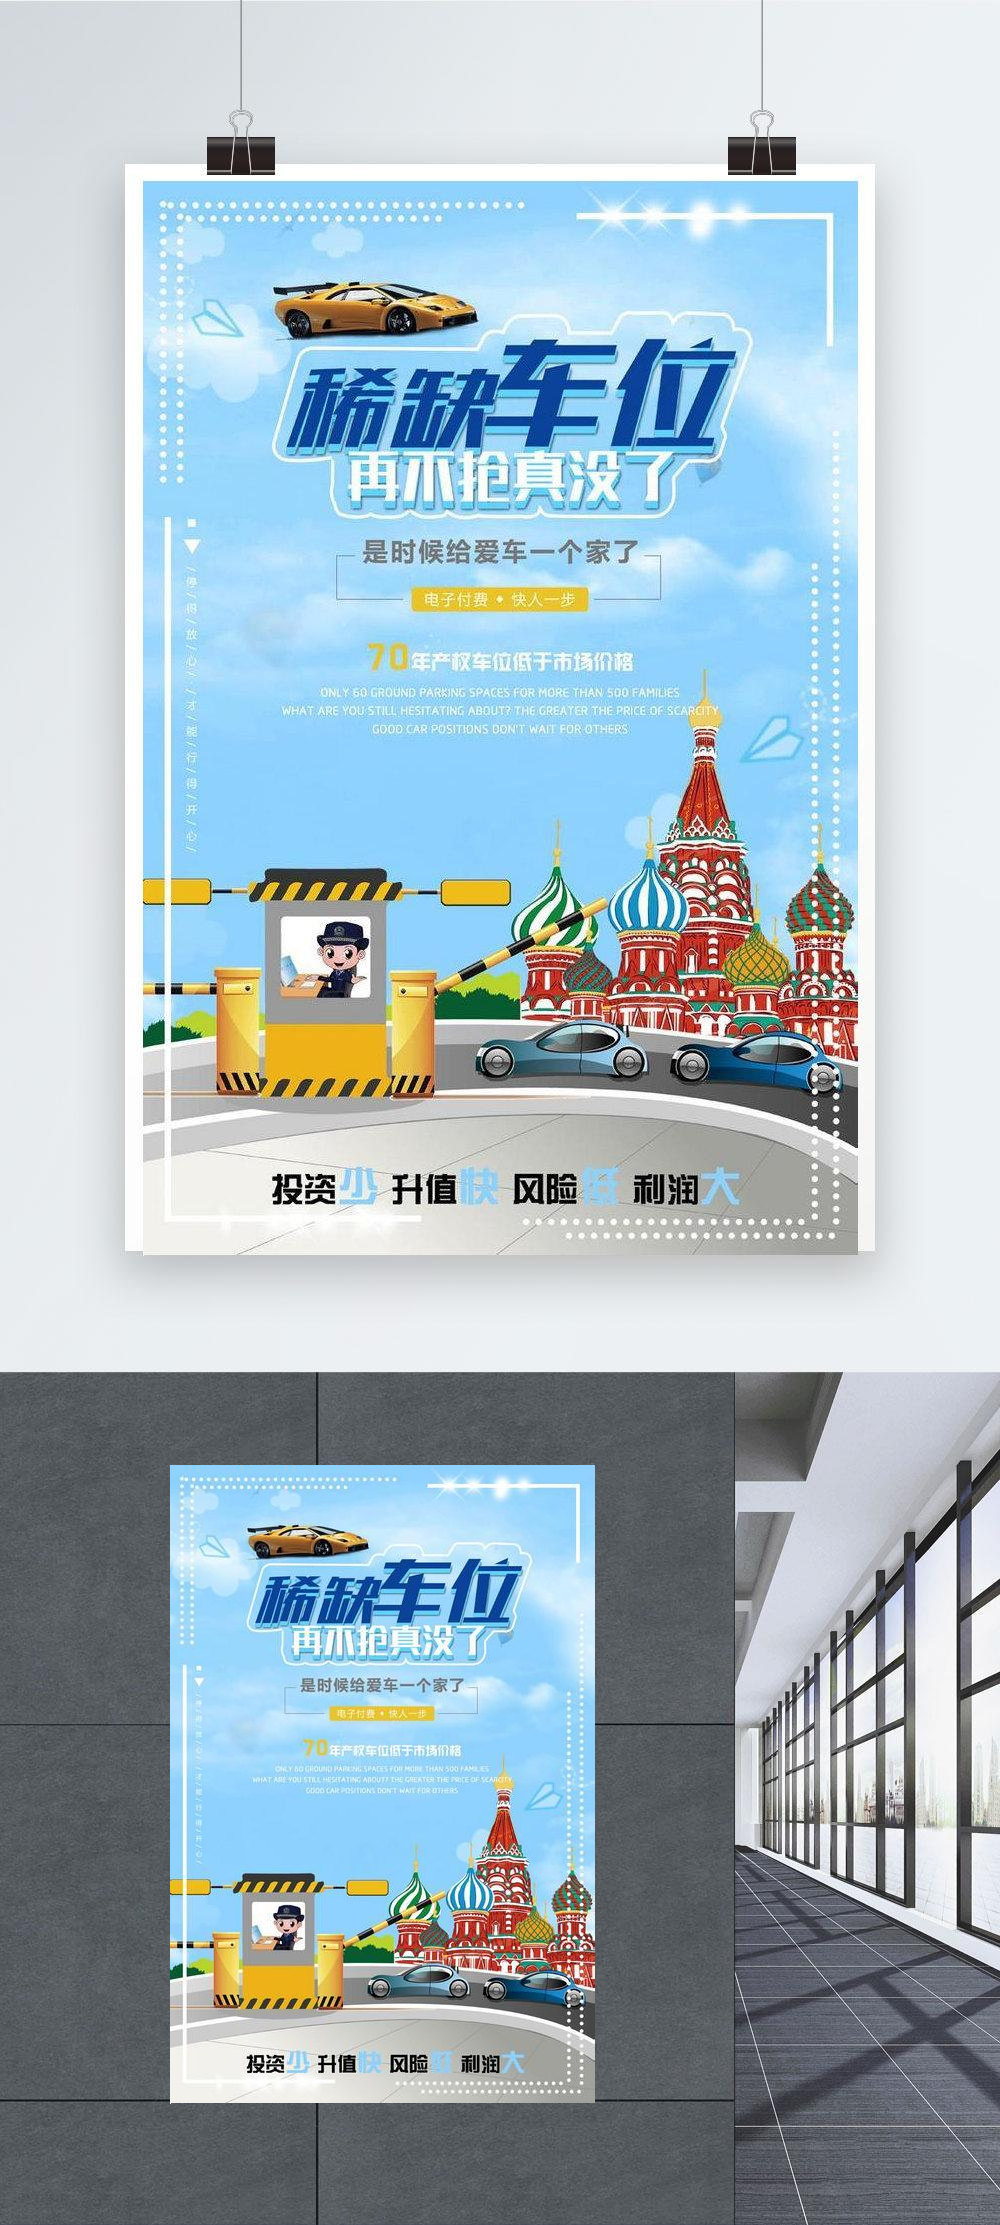 Poster Tema Tempat Parkir Yang Langka gambar unduh gratis ...